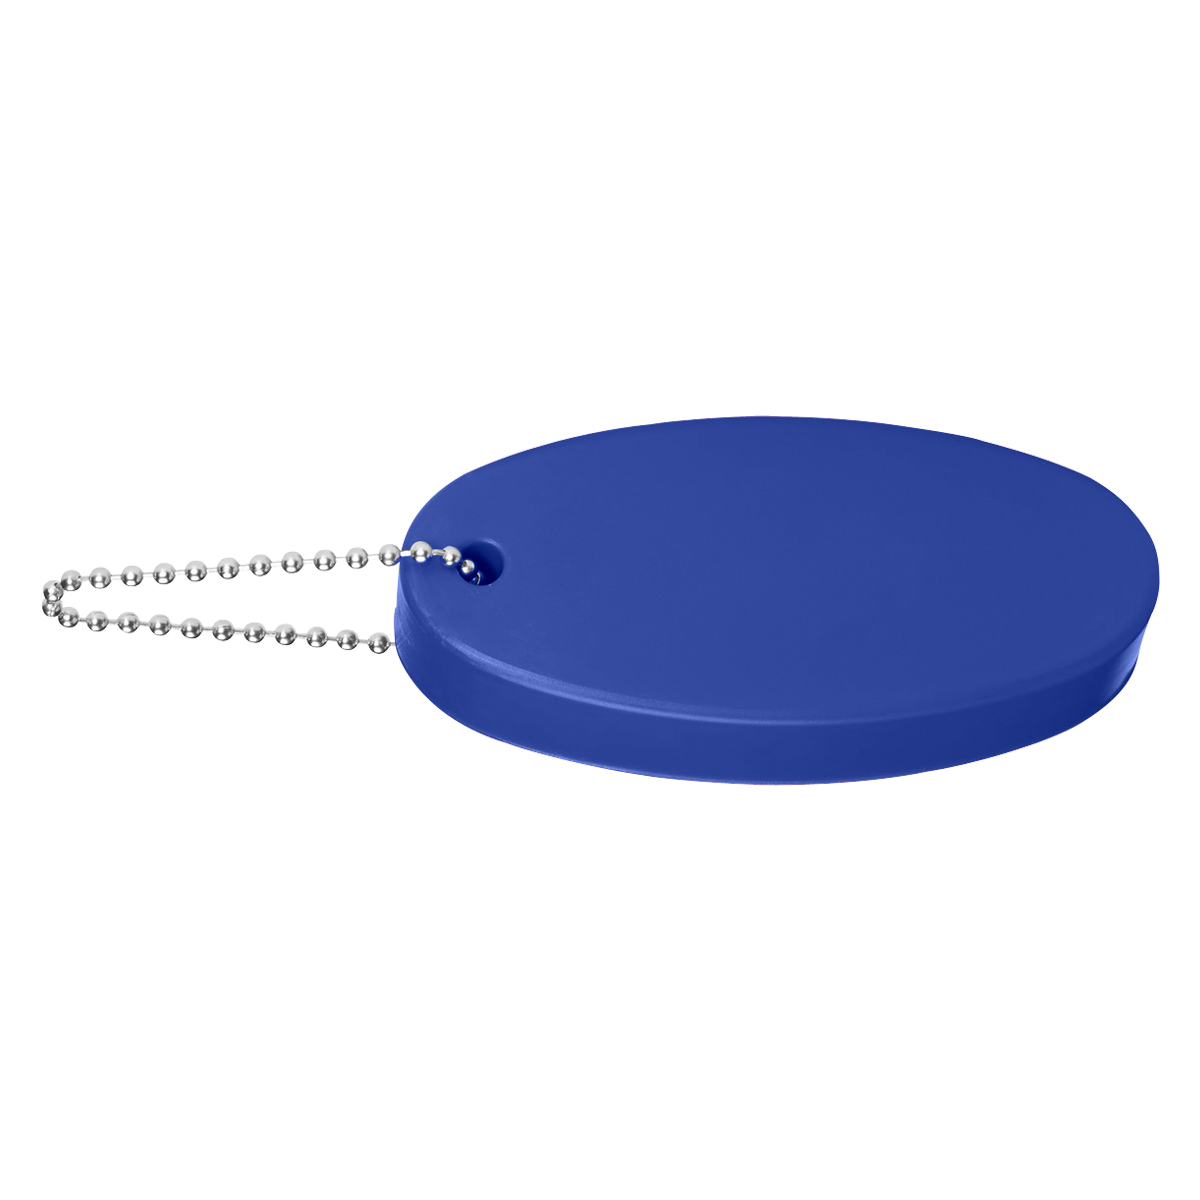 2040 - Llavero flotante